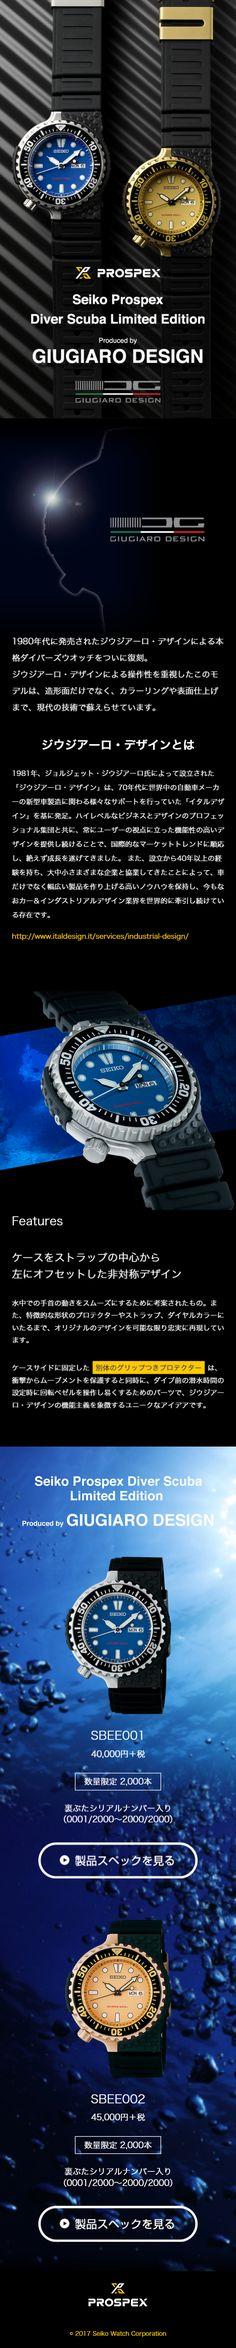 Seiko Prospex Diver Scuba Limited Edition|WEBデザイナーさん必見!スマホランディングページのデザイン参考に(かっこいい系)